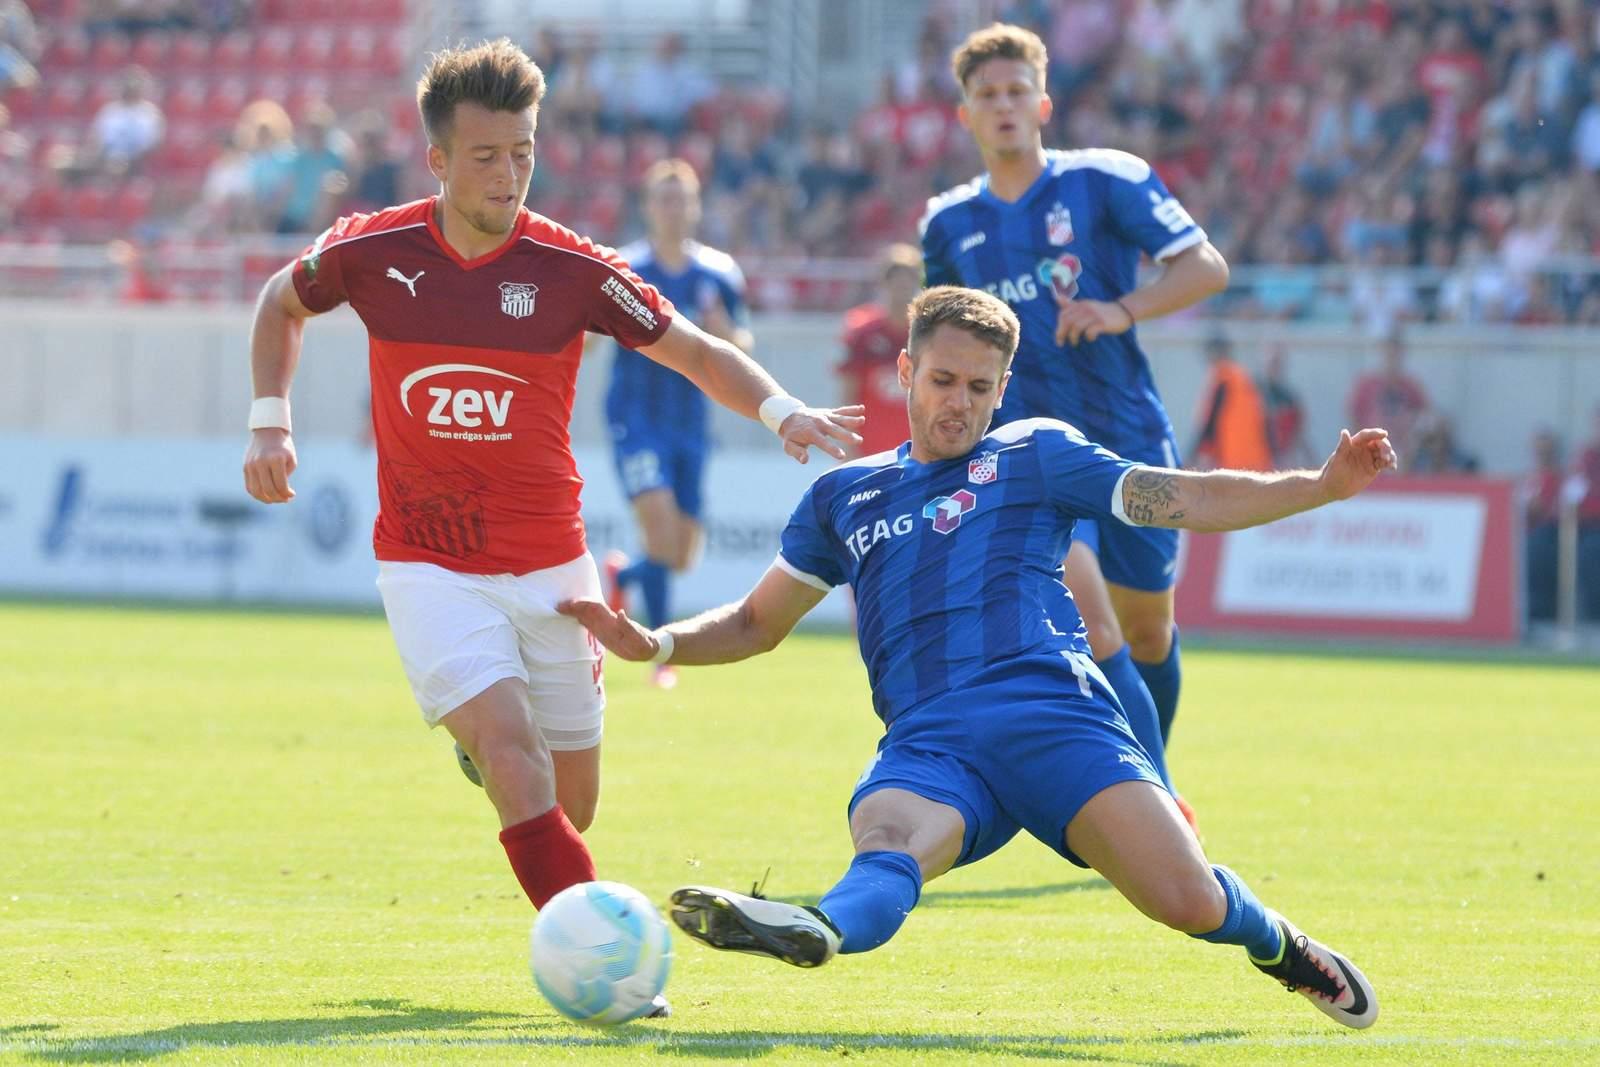 Luka Odak grätscht gegen Patrick Göbel. Jetzt auf Erfurt gegen Zwickau wetten!